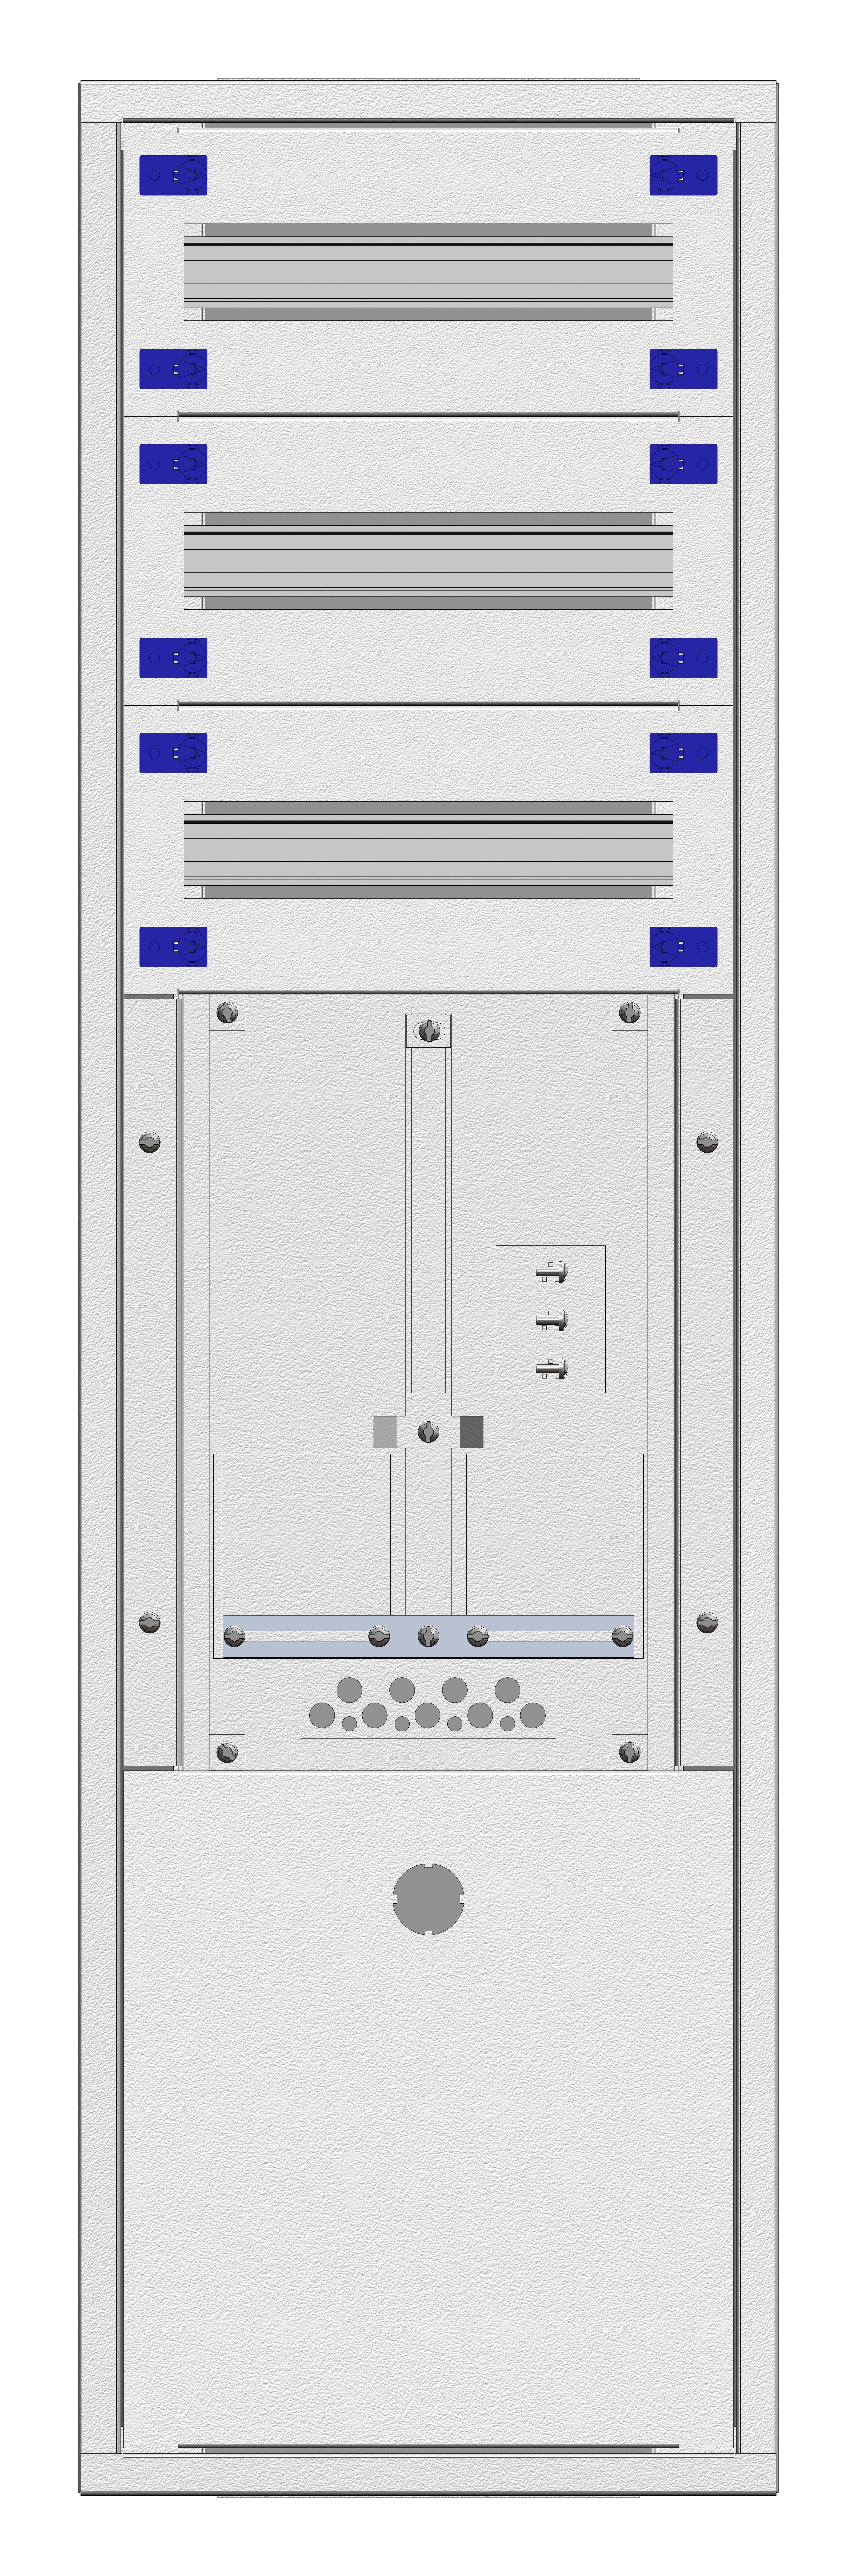 1 Stk Aufputz-Zählerverteiler 1A-24E/BGLD 1ZP, H1195B380T250mm IL160124BS